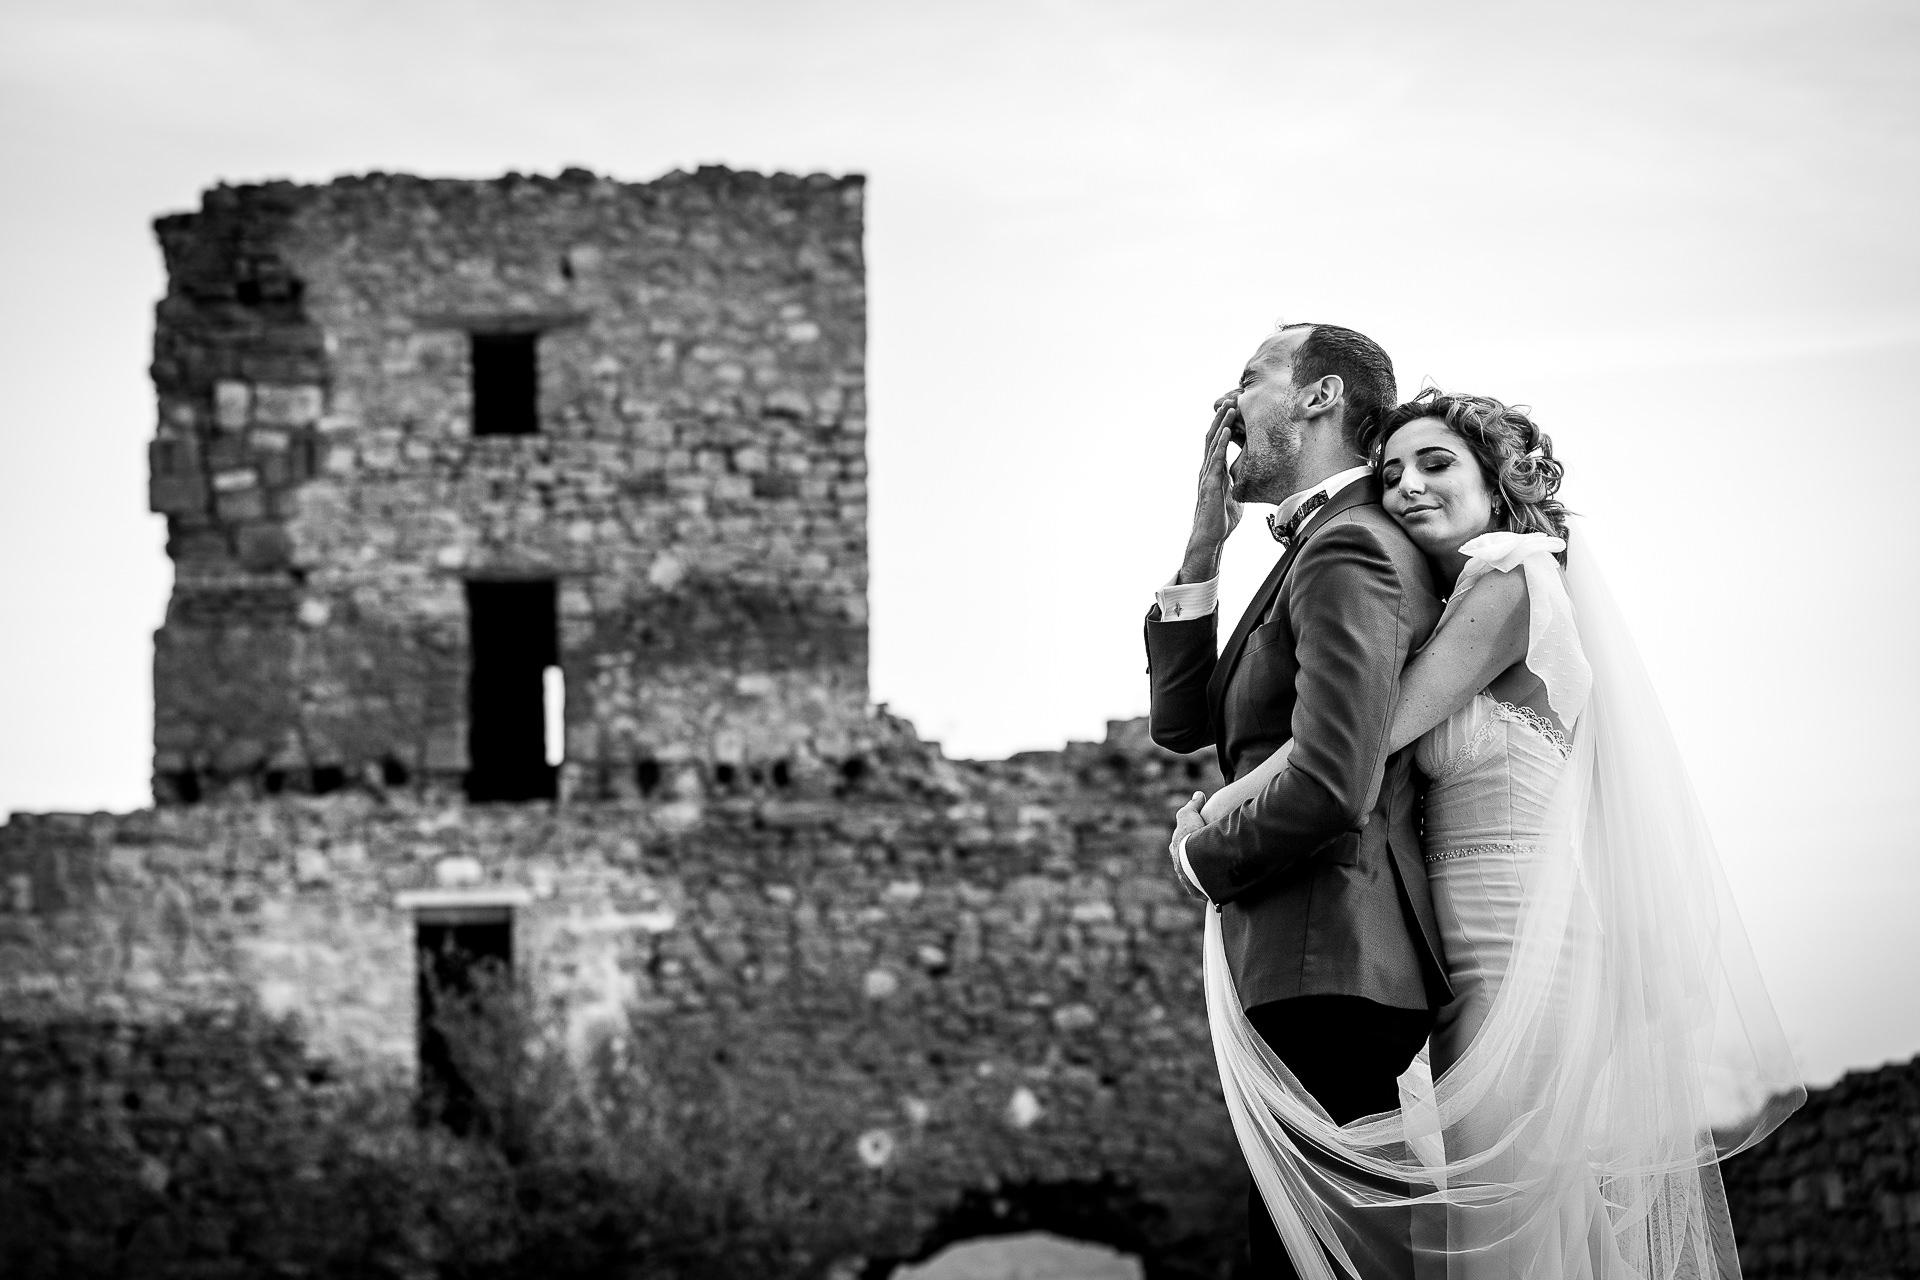 Şedinţă foto Trash The Dress - după nuntă la Cetatea Enisala, Tulcea - România - cu Mihaela şi Octavian - Mihai Zaharia Photography - 17